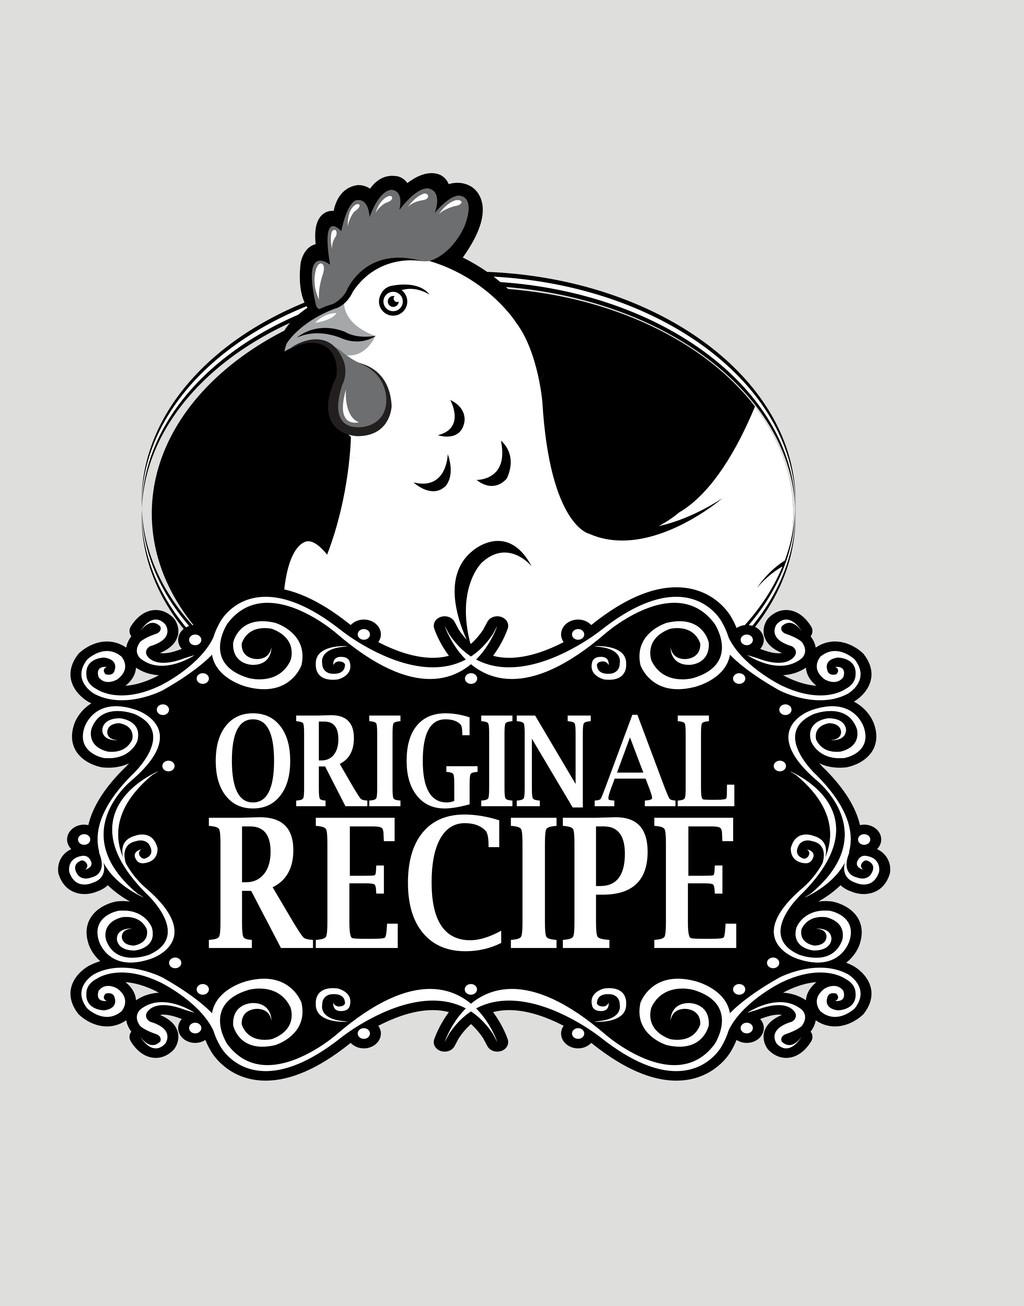 手绘动物简笔插画卡通动物鸡标识牌